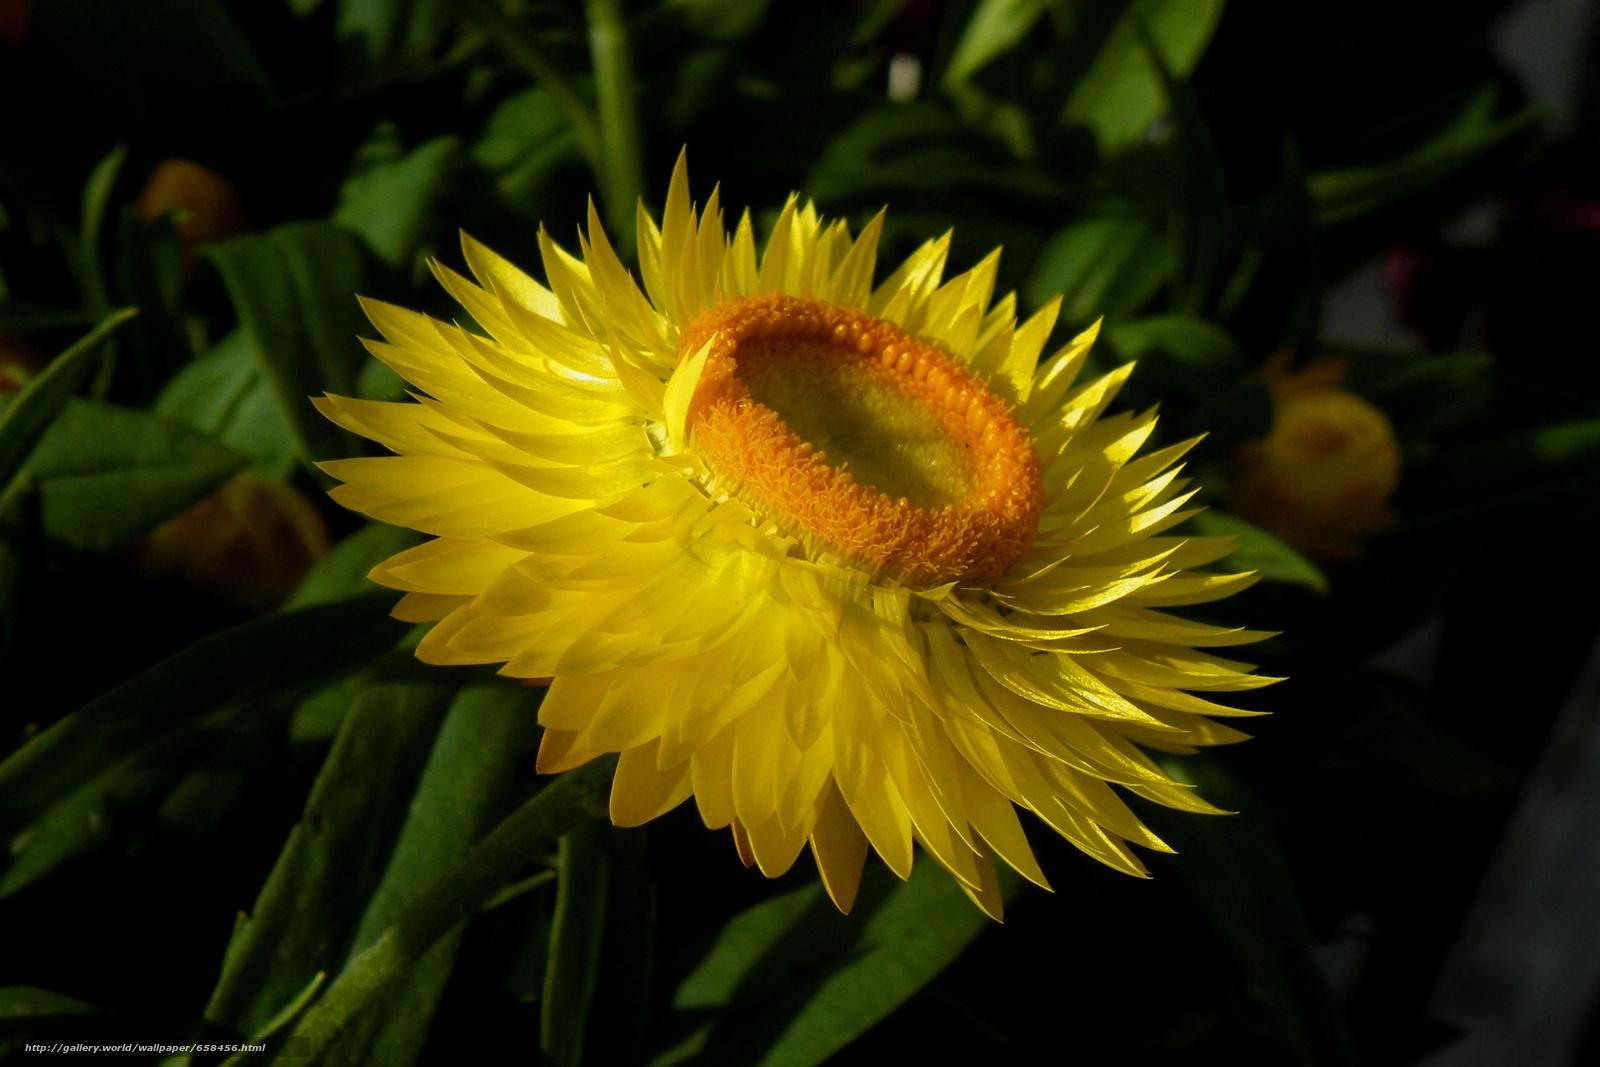 Скачать обои цветок,  цветы,  флора бесплатно для рабочего стола в разрешении 2820x1880 — картинка №658456